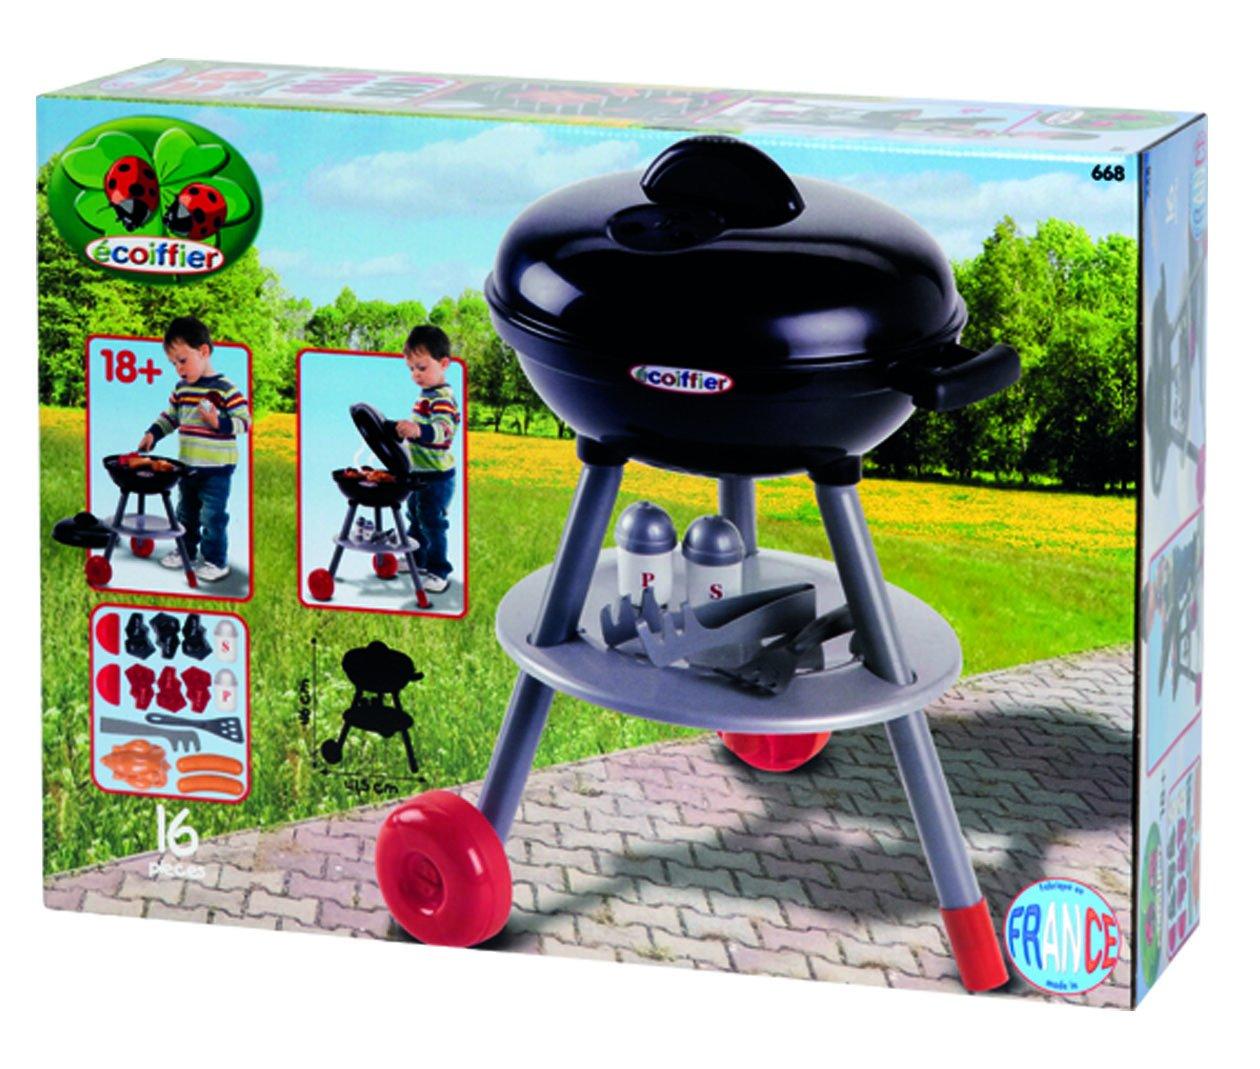 Cuisine Ecoiffier 668 Jeu Dimitation Cuisine Barbecue Charbon E668 Jeu d/'imitation